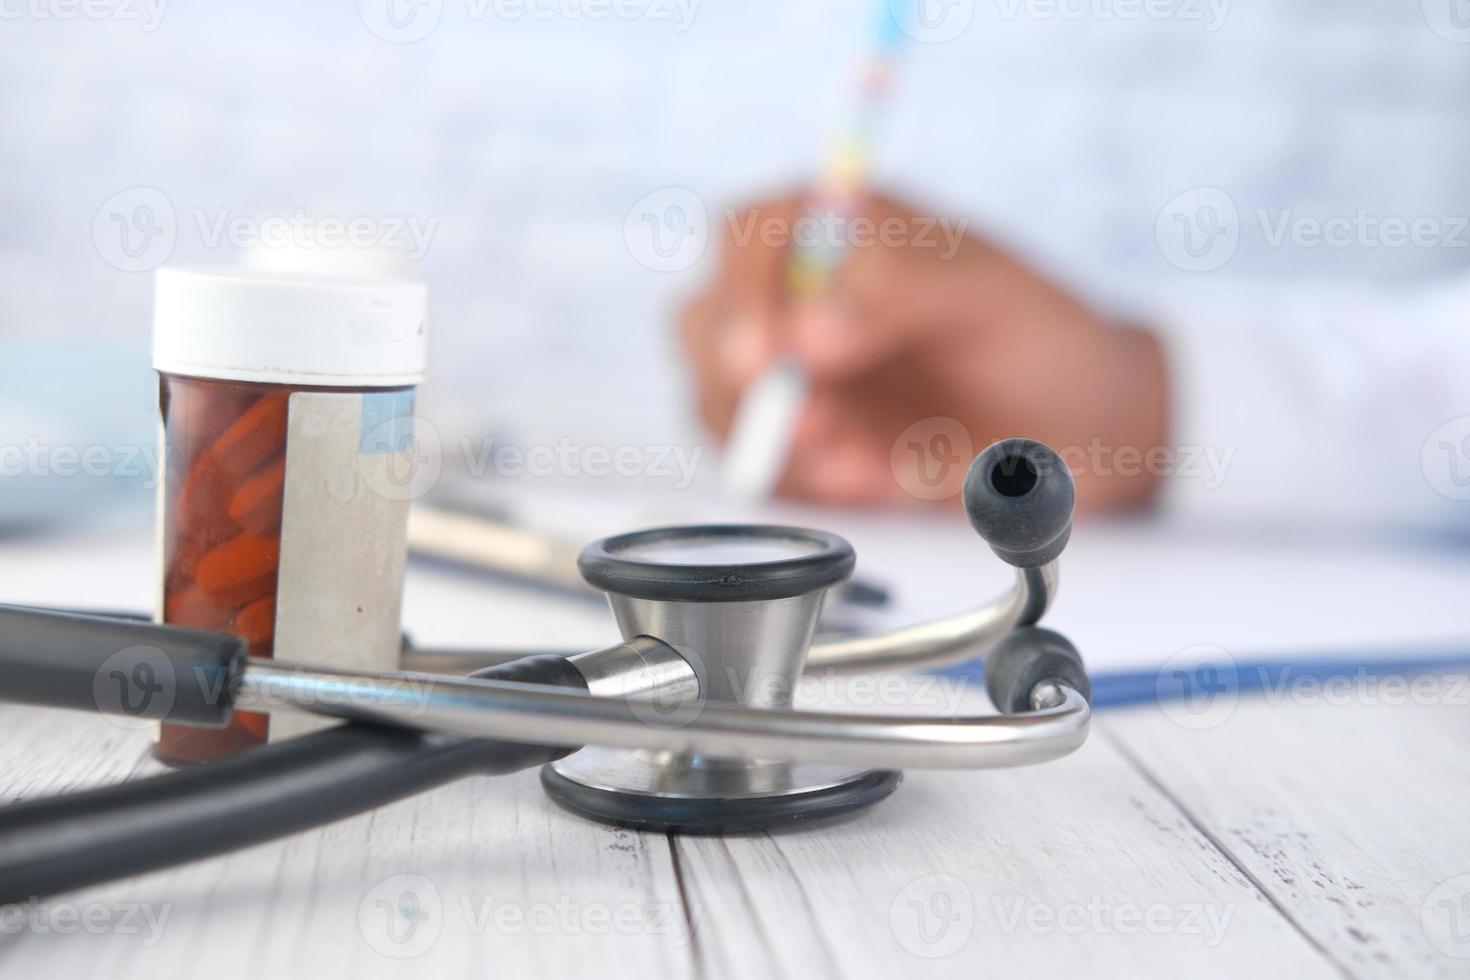 närbild av stetoskop och pillerflaska foto